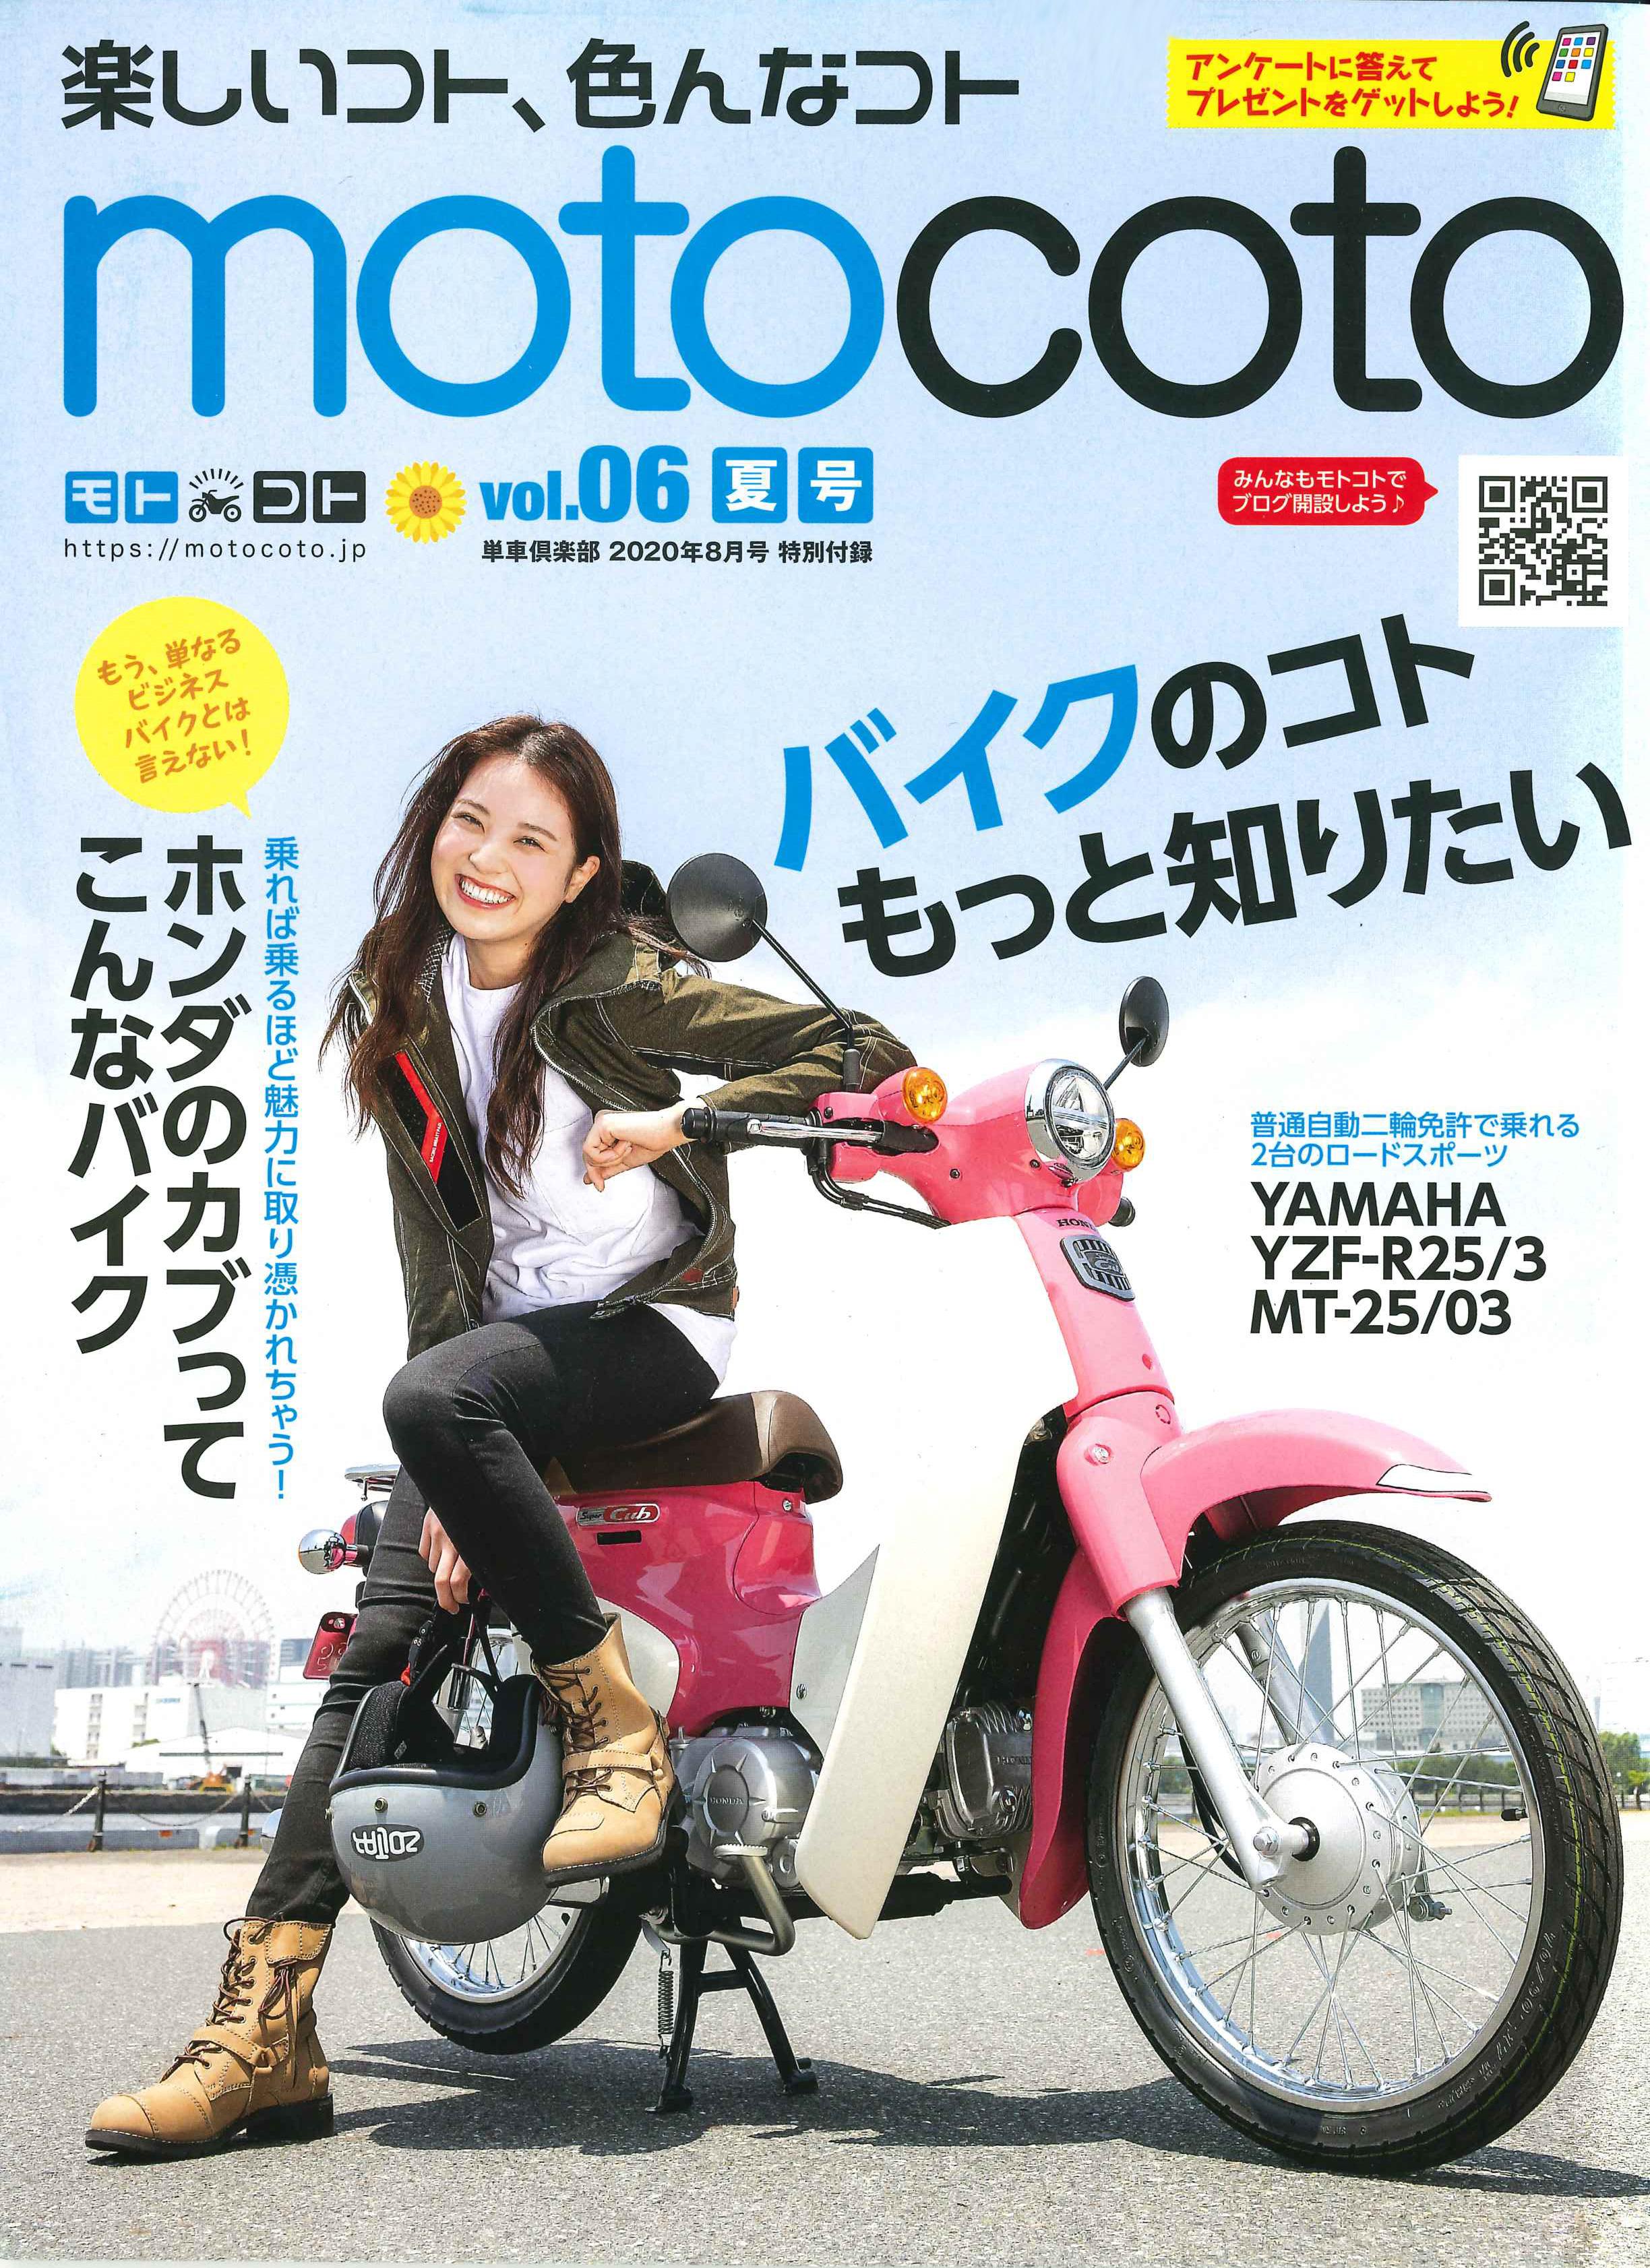 【motocoto Vol.6 夏号掲載】『MOUNT SYSTEM ABCスマホホルダーセット』